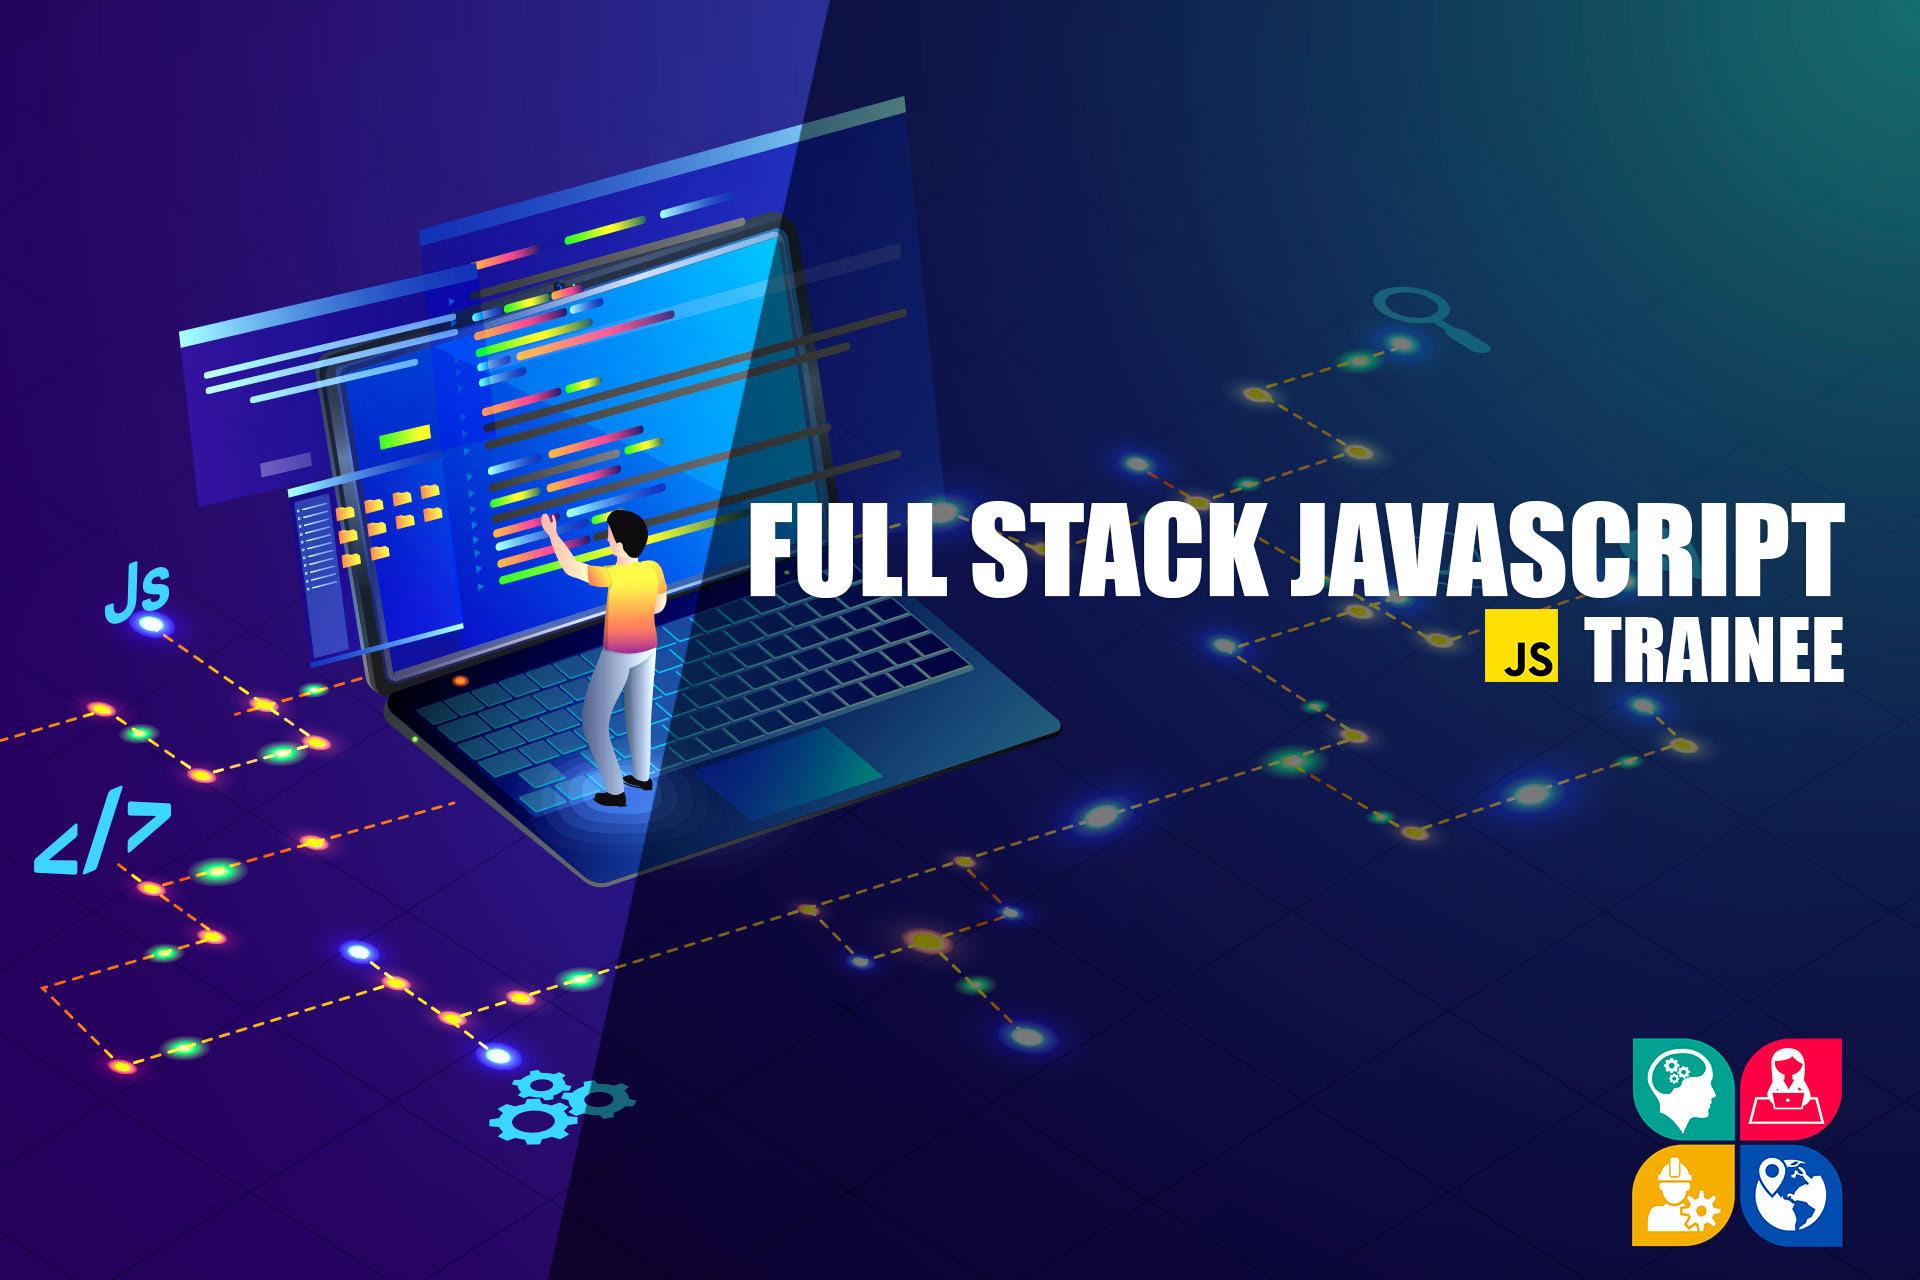 Desarrollador de Aplicaciones Full Stack JavaScript Trainee